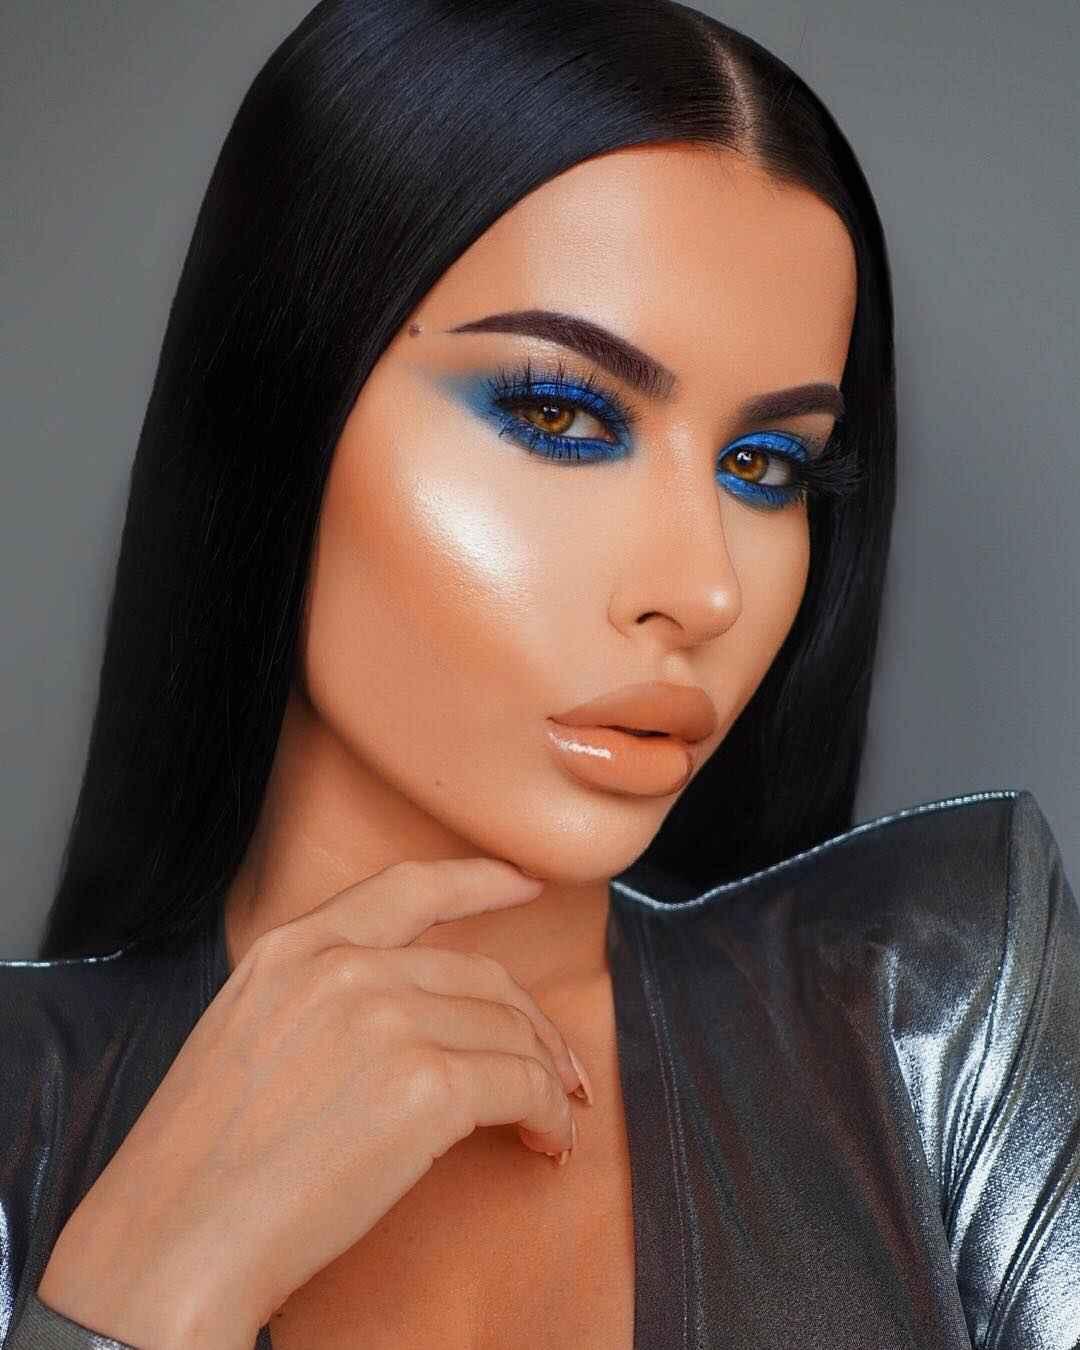 Вечерний макияж для темных волос и зеленых глаз_14